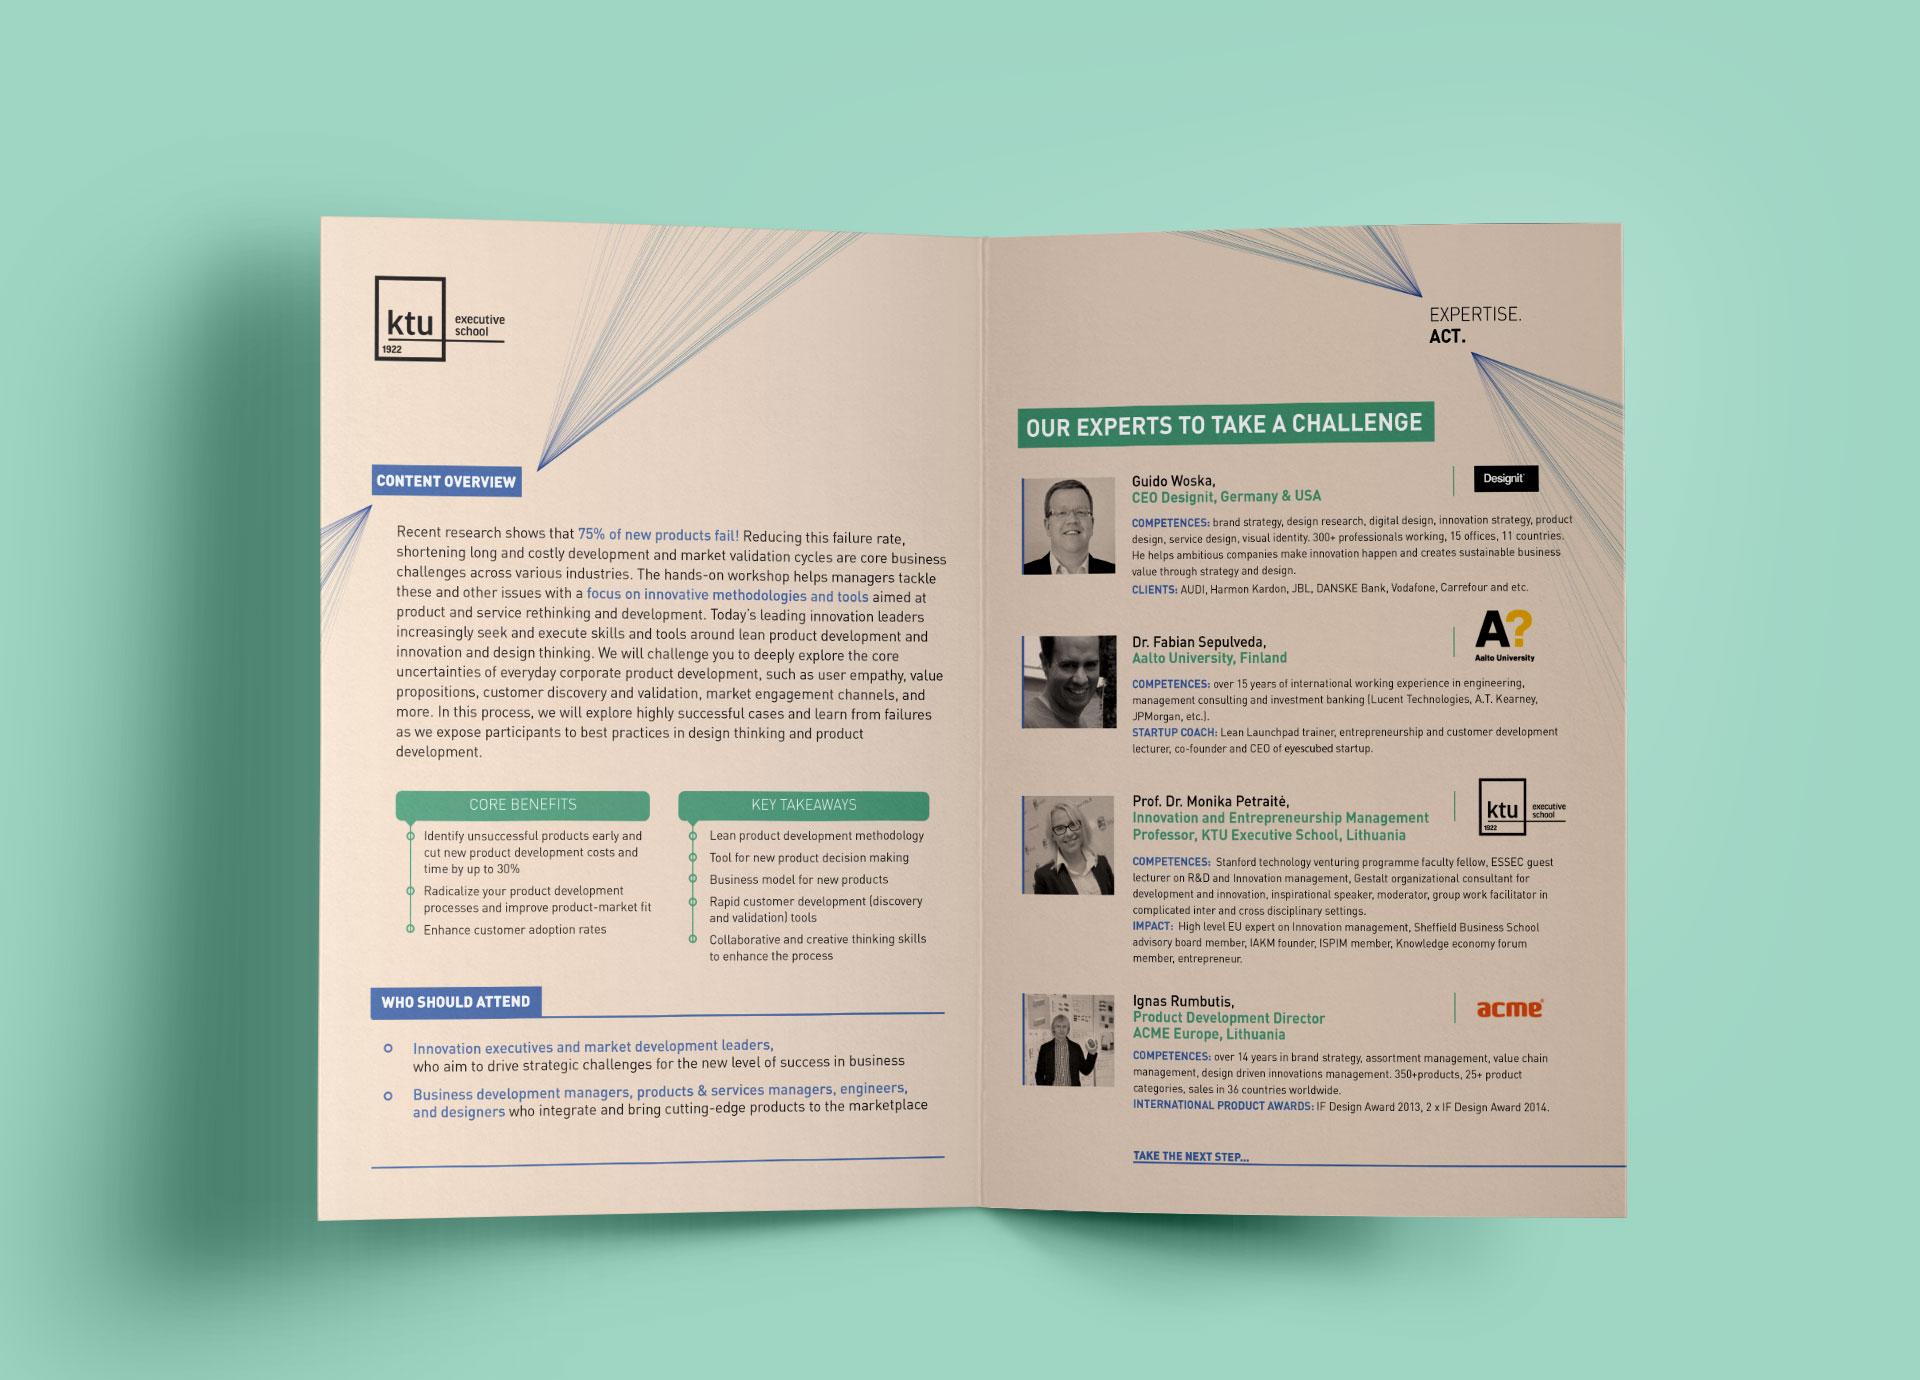 2_KTU_leaflet_inside_1920x1380-px